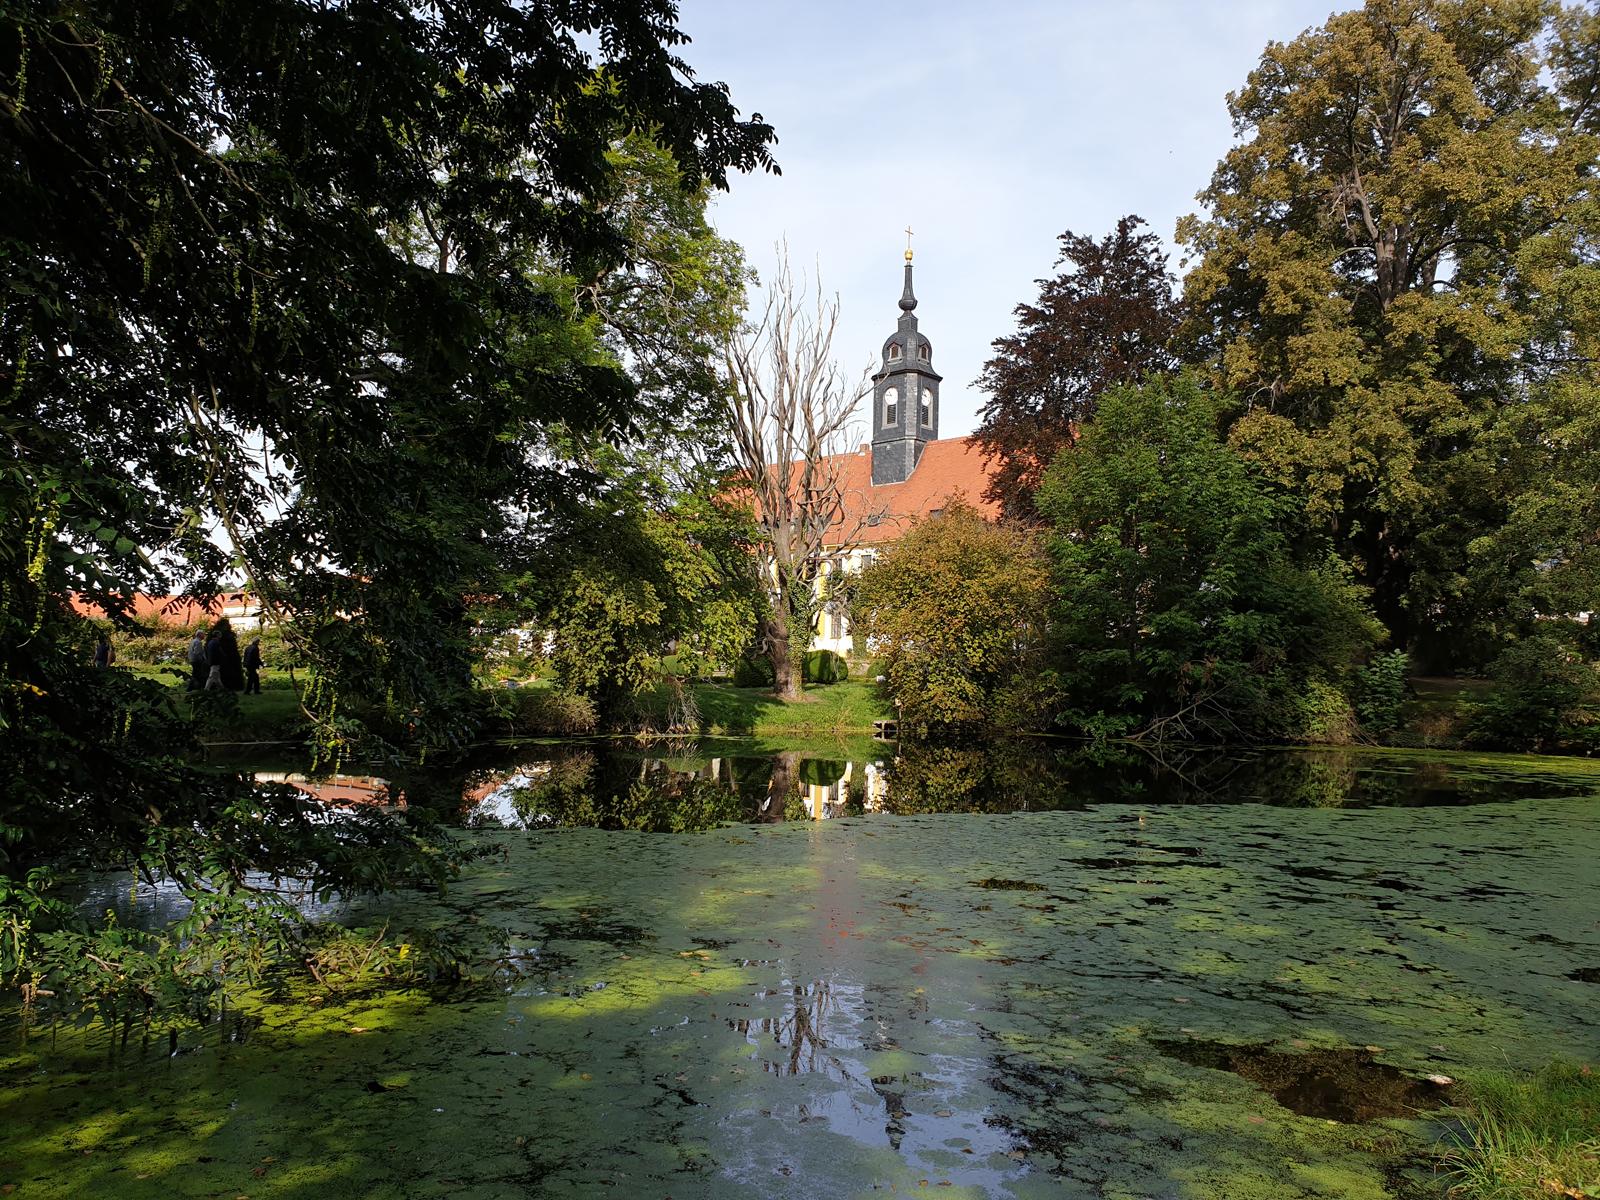 Blick zum Schloss Seußlitz